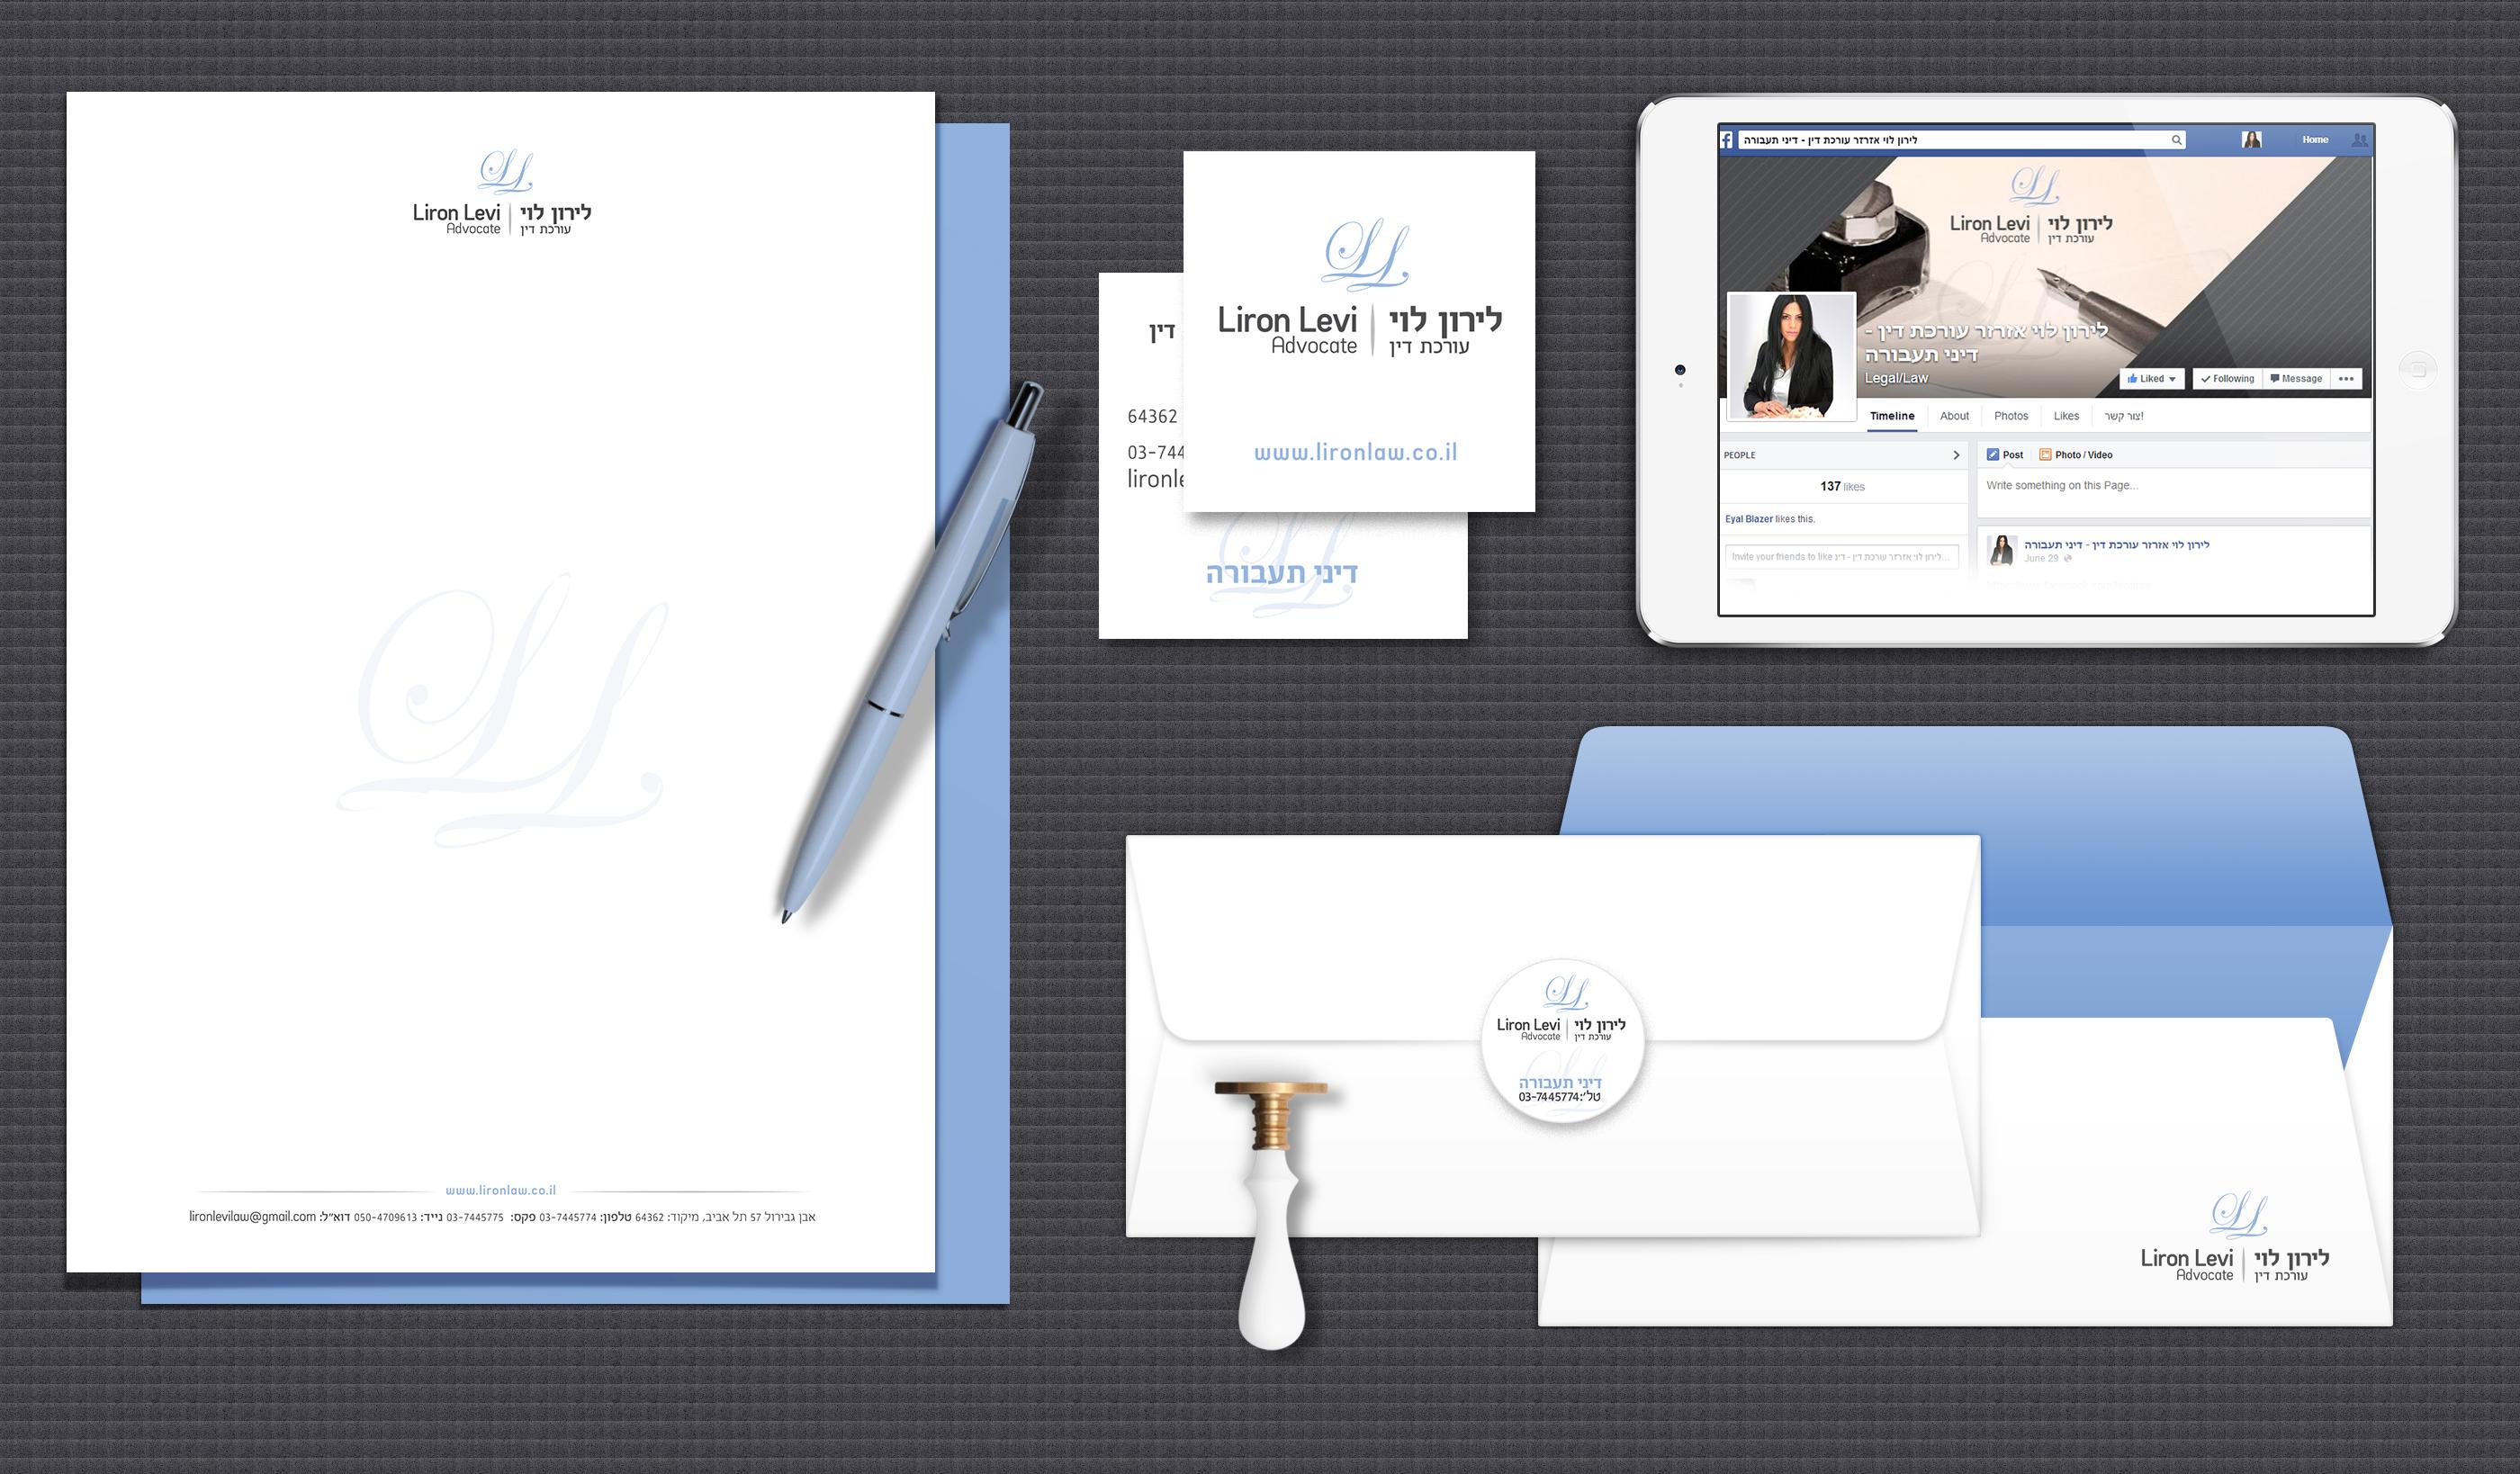 מיתוג-משרד-עורך-דין-עיצוב-לוגו-לעורכת-דין לירון לוי